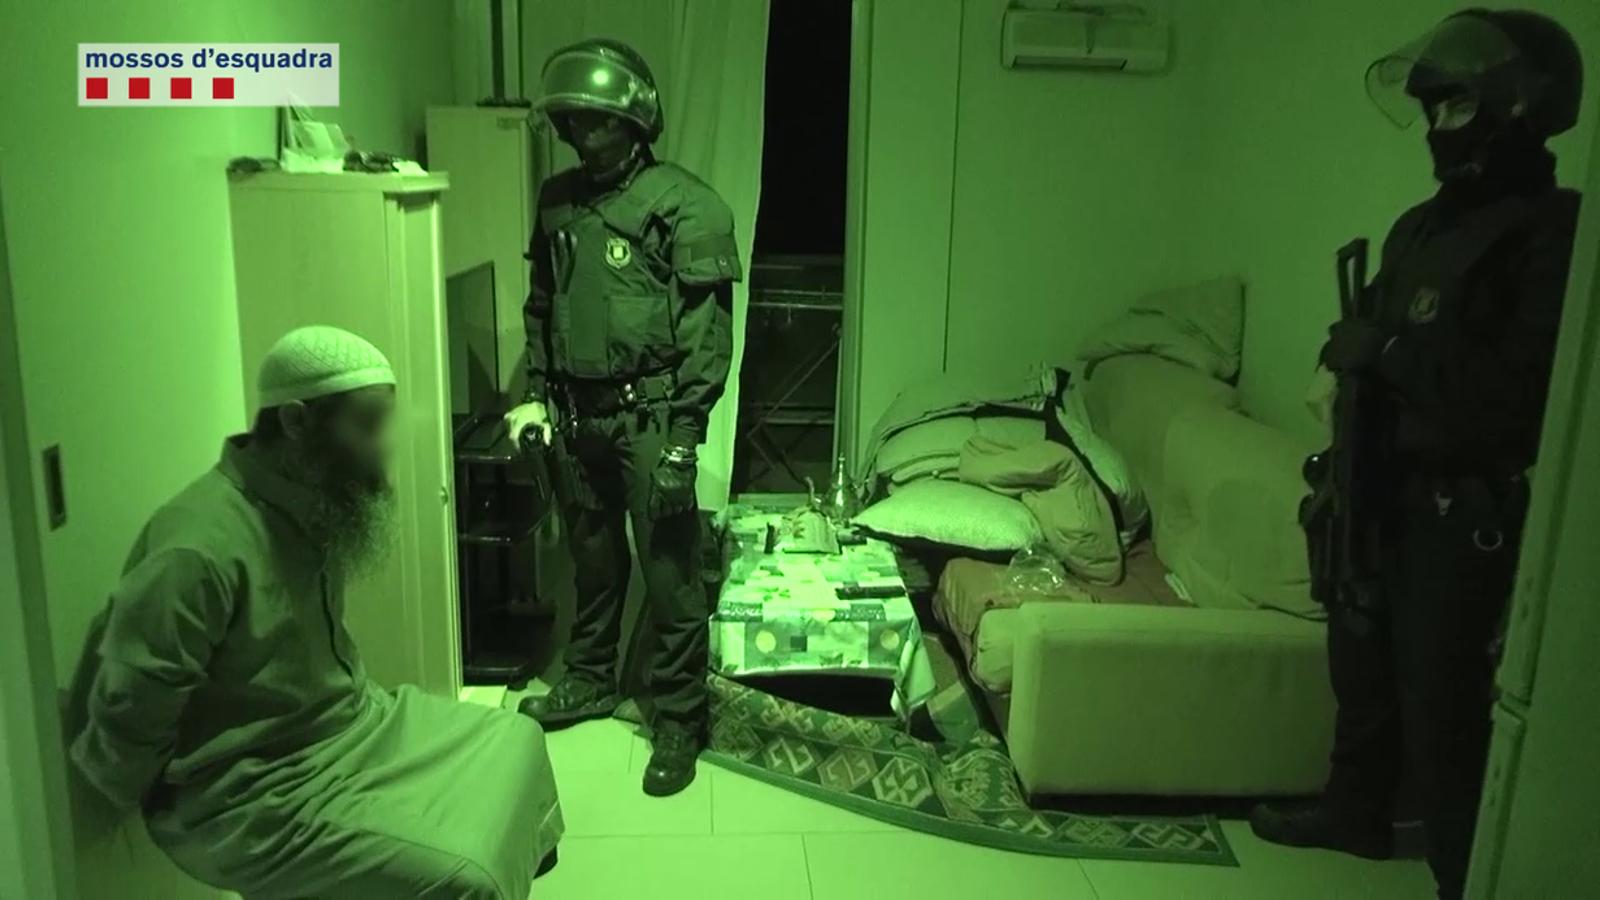 Vídeo de l'operació contra una cèl·lula jihadista. / MOSSOS D'ESQUADRA